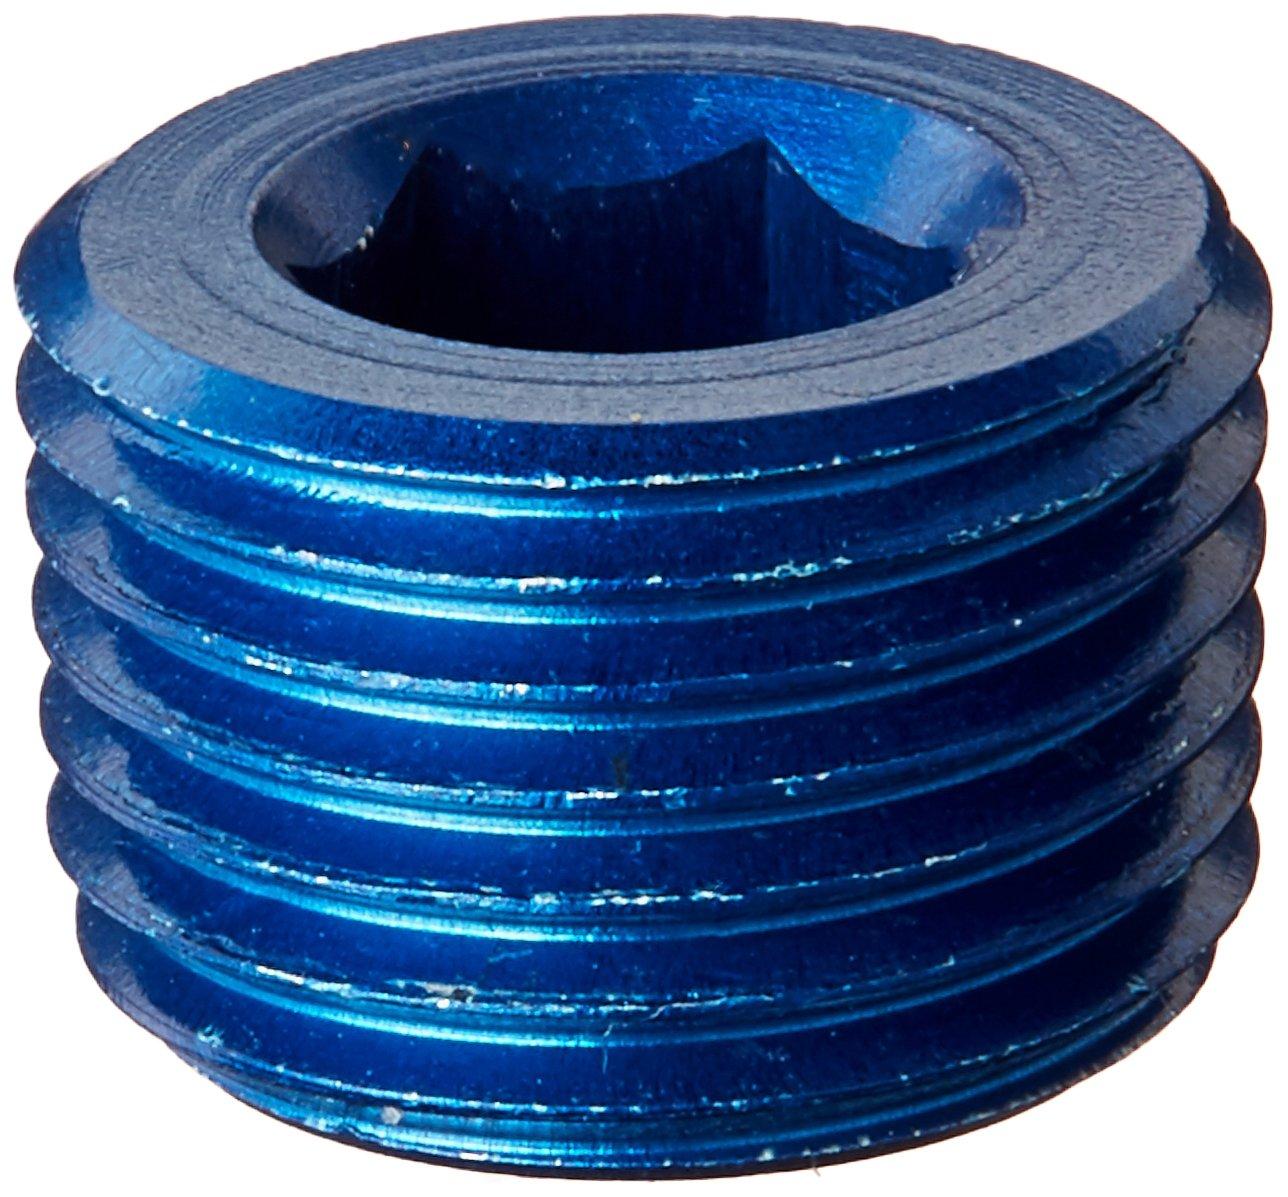 Aeroquip FCM3685 Blue Anodized Aluminum 1/8 NPT Allen Head Pipe Plugs - Pack of 2